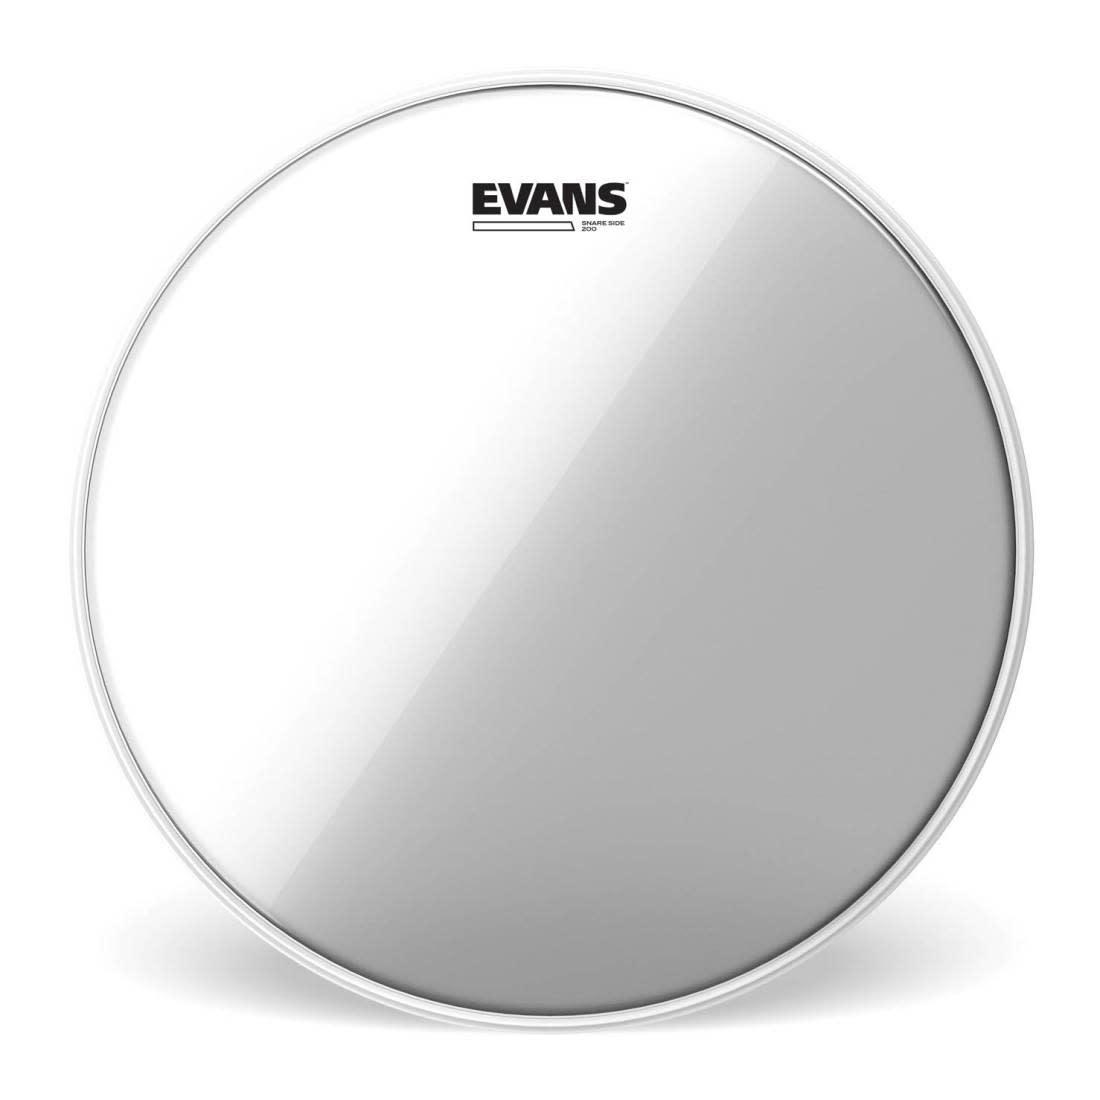 Evans Evans 200 Snare Side 14